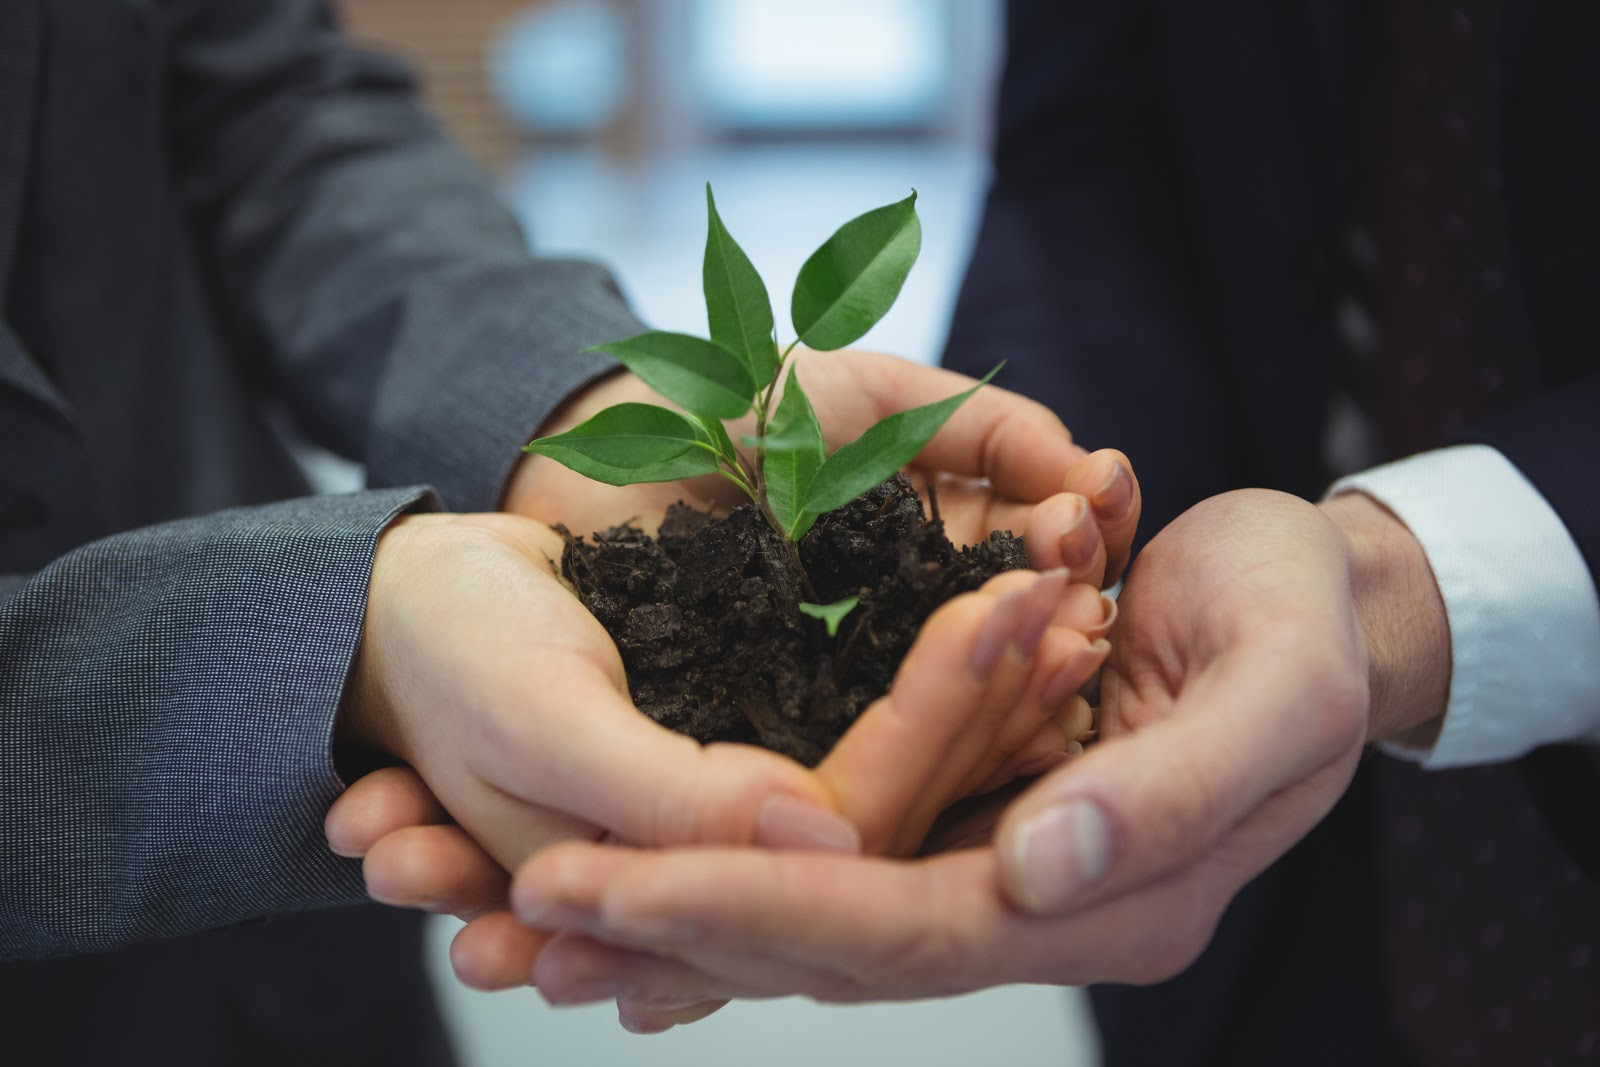 Imagem de uma mão feminina segurando terra com algumas folhas. Essa mão feminina está sendo segurada por um par de mãos masculina. Ambos estão trajando ternos, ilustrando o universo business e a importância da tecnologia ambiental.